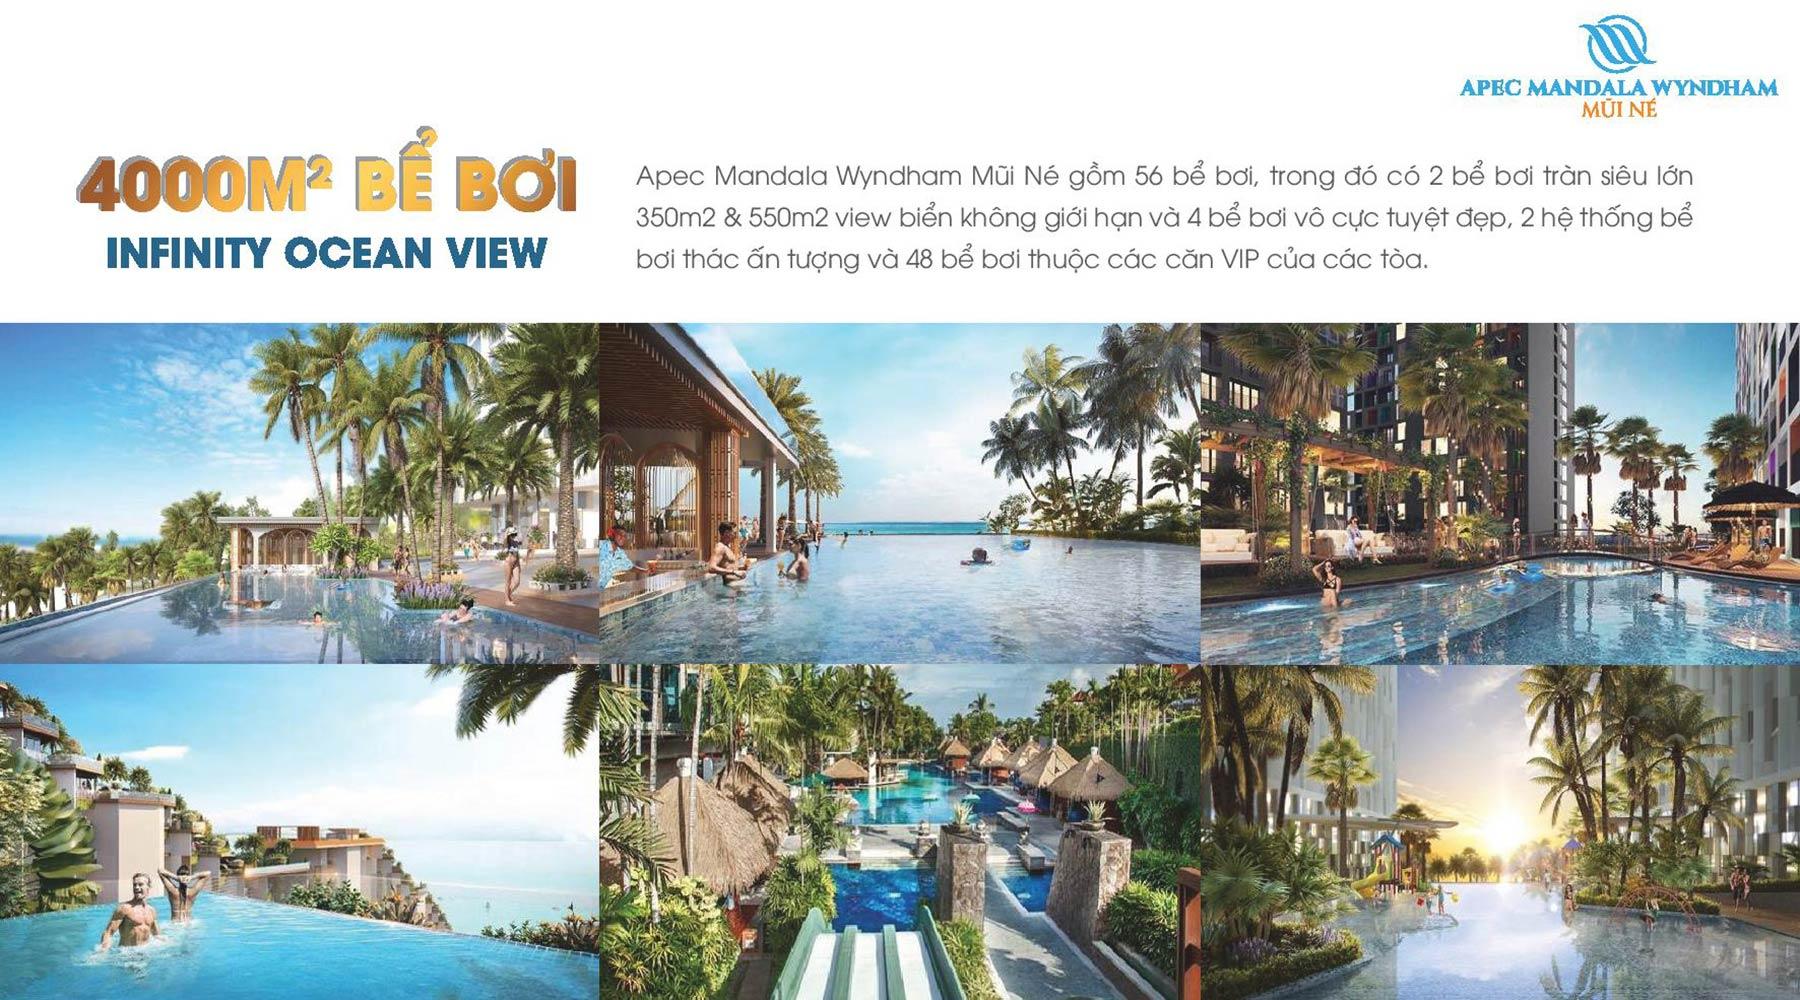 Tiện ích dự án Apec Mandala Wyndham Mũi Né 4000m2 bể bơi